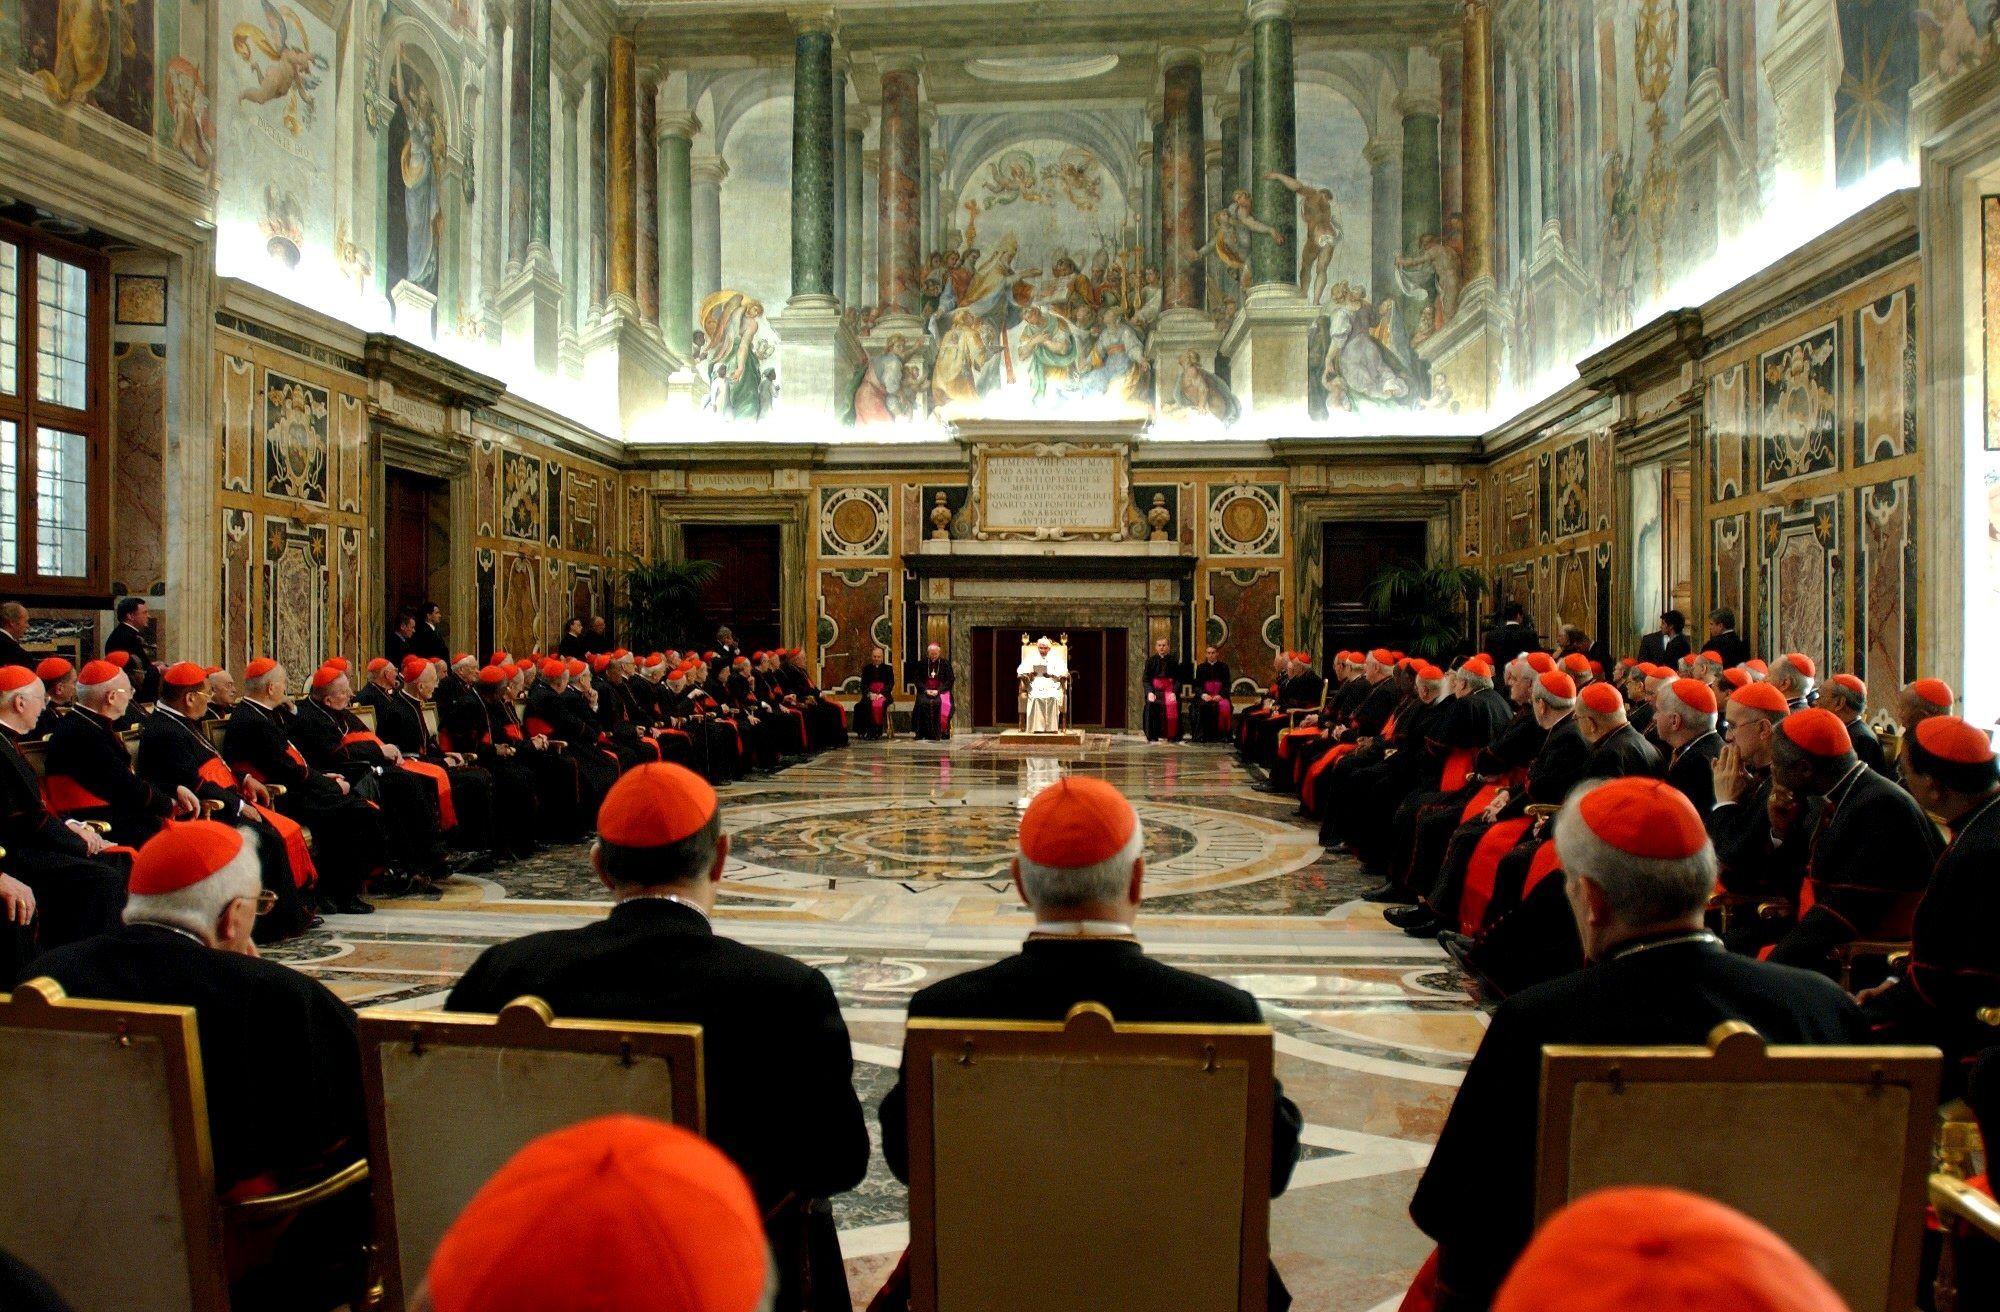 22 aprile 2005: Papa Benedetto XVI ringrazia i cardinali per la sua elezione. Foto di Eric VANDEVILLE/Gamma-Rapho via Getty Images.